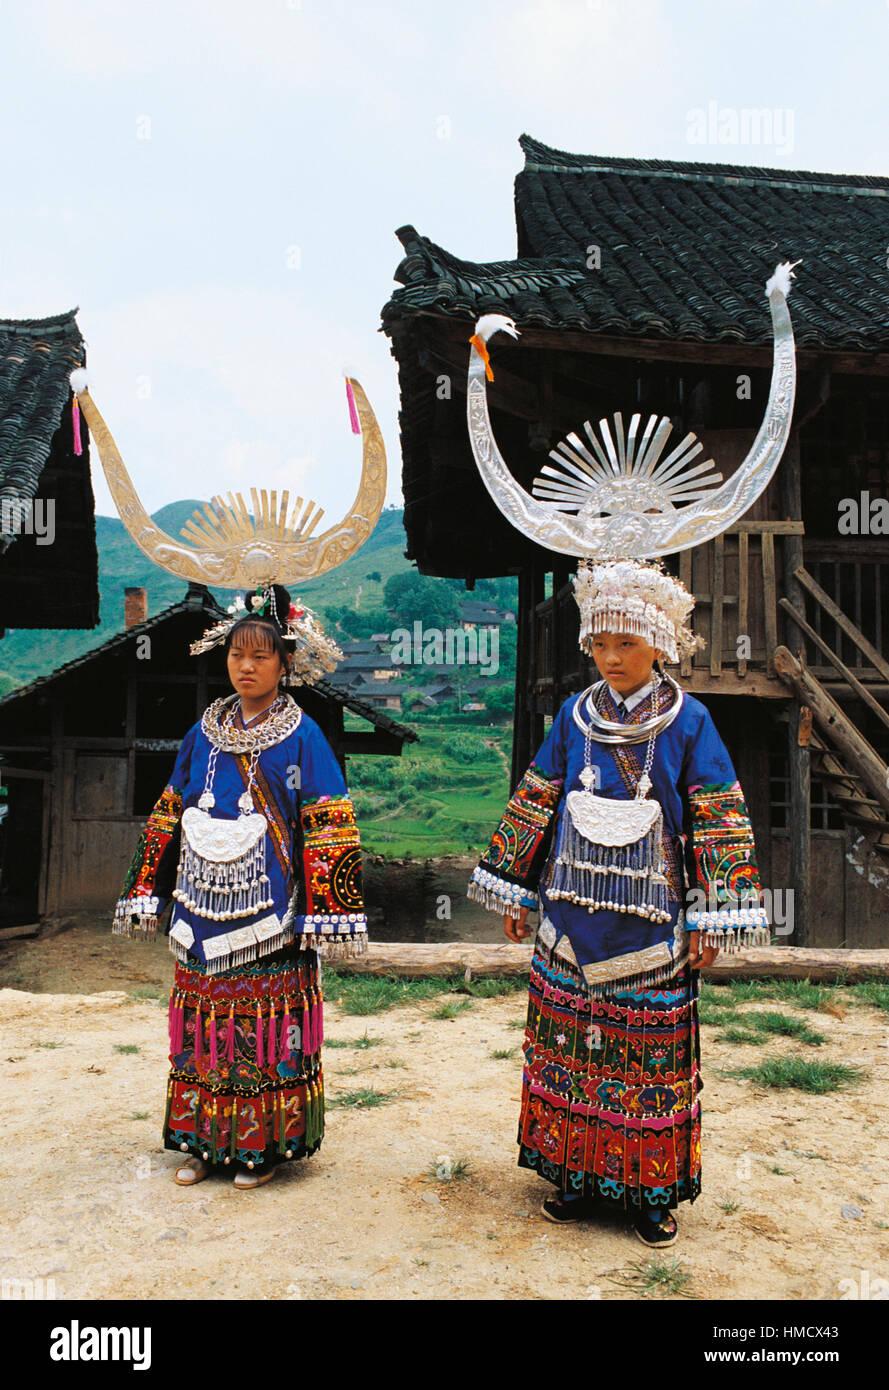 Miao ragazze in abito tradizionale, Jing Ming, Cina. Immagini Stock